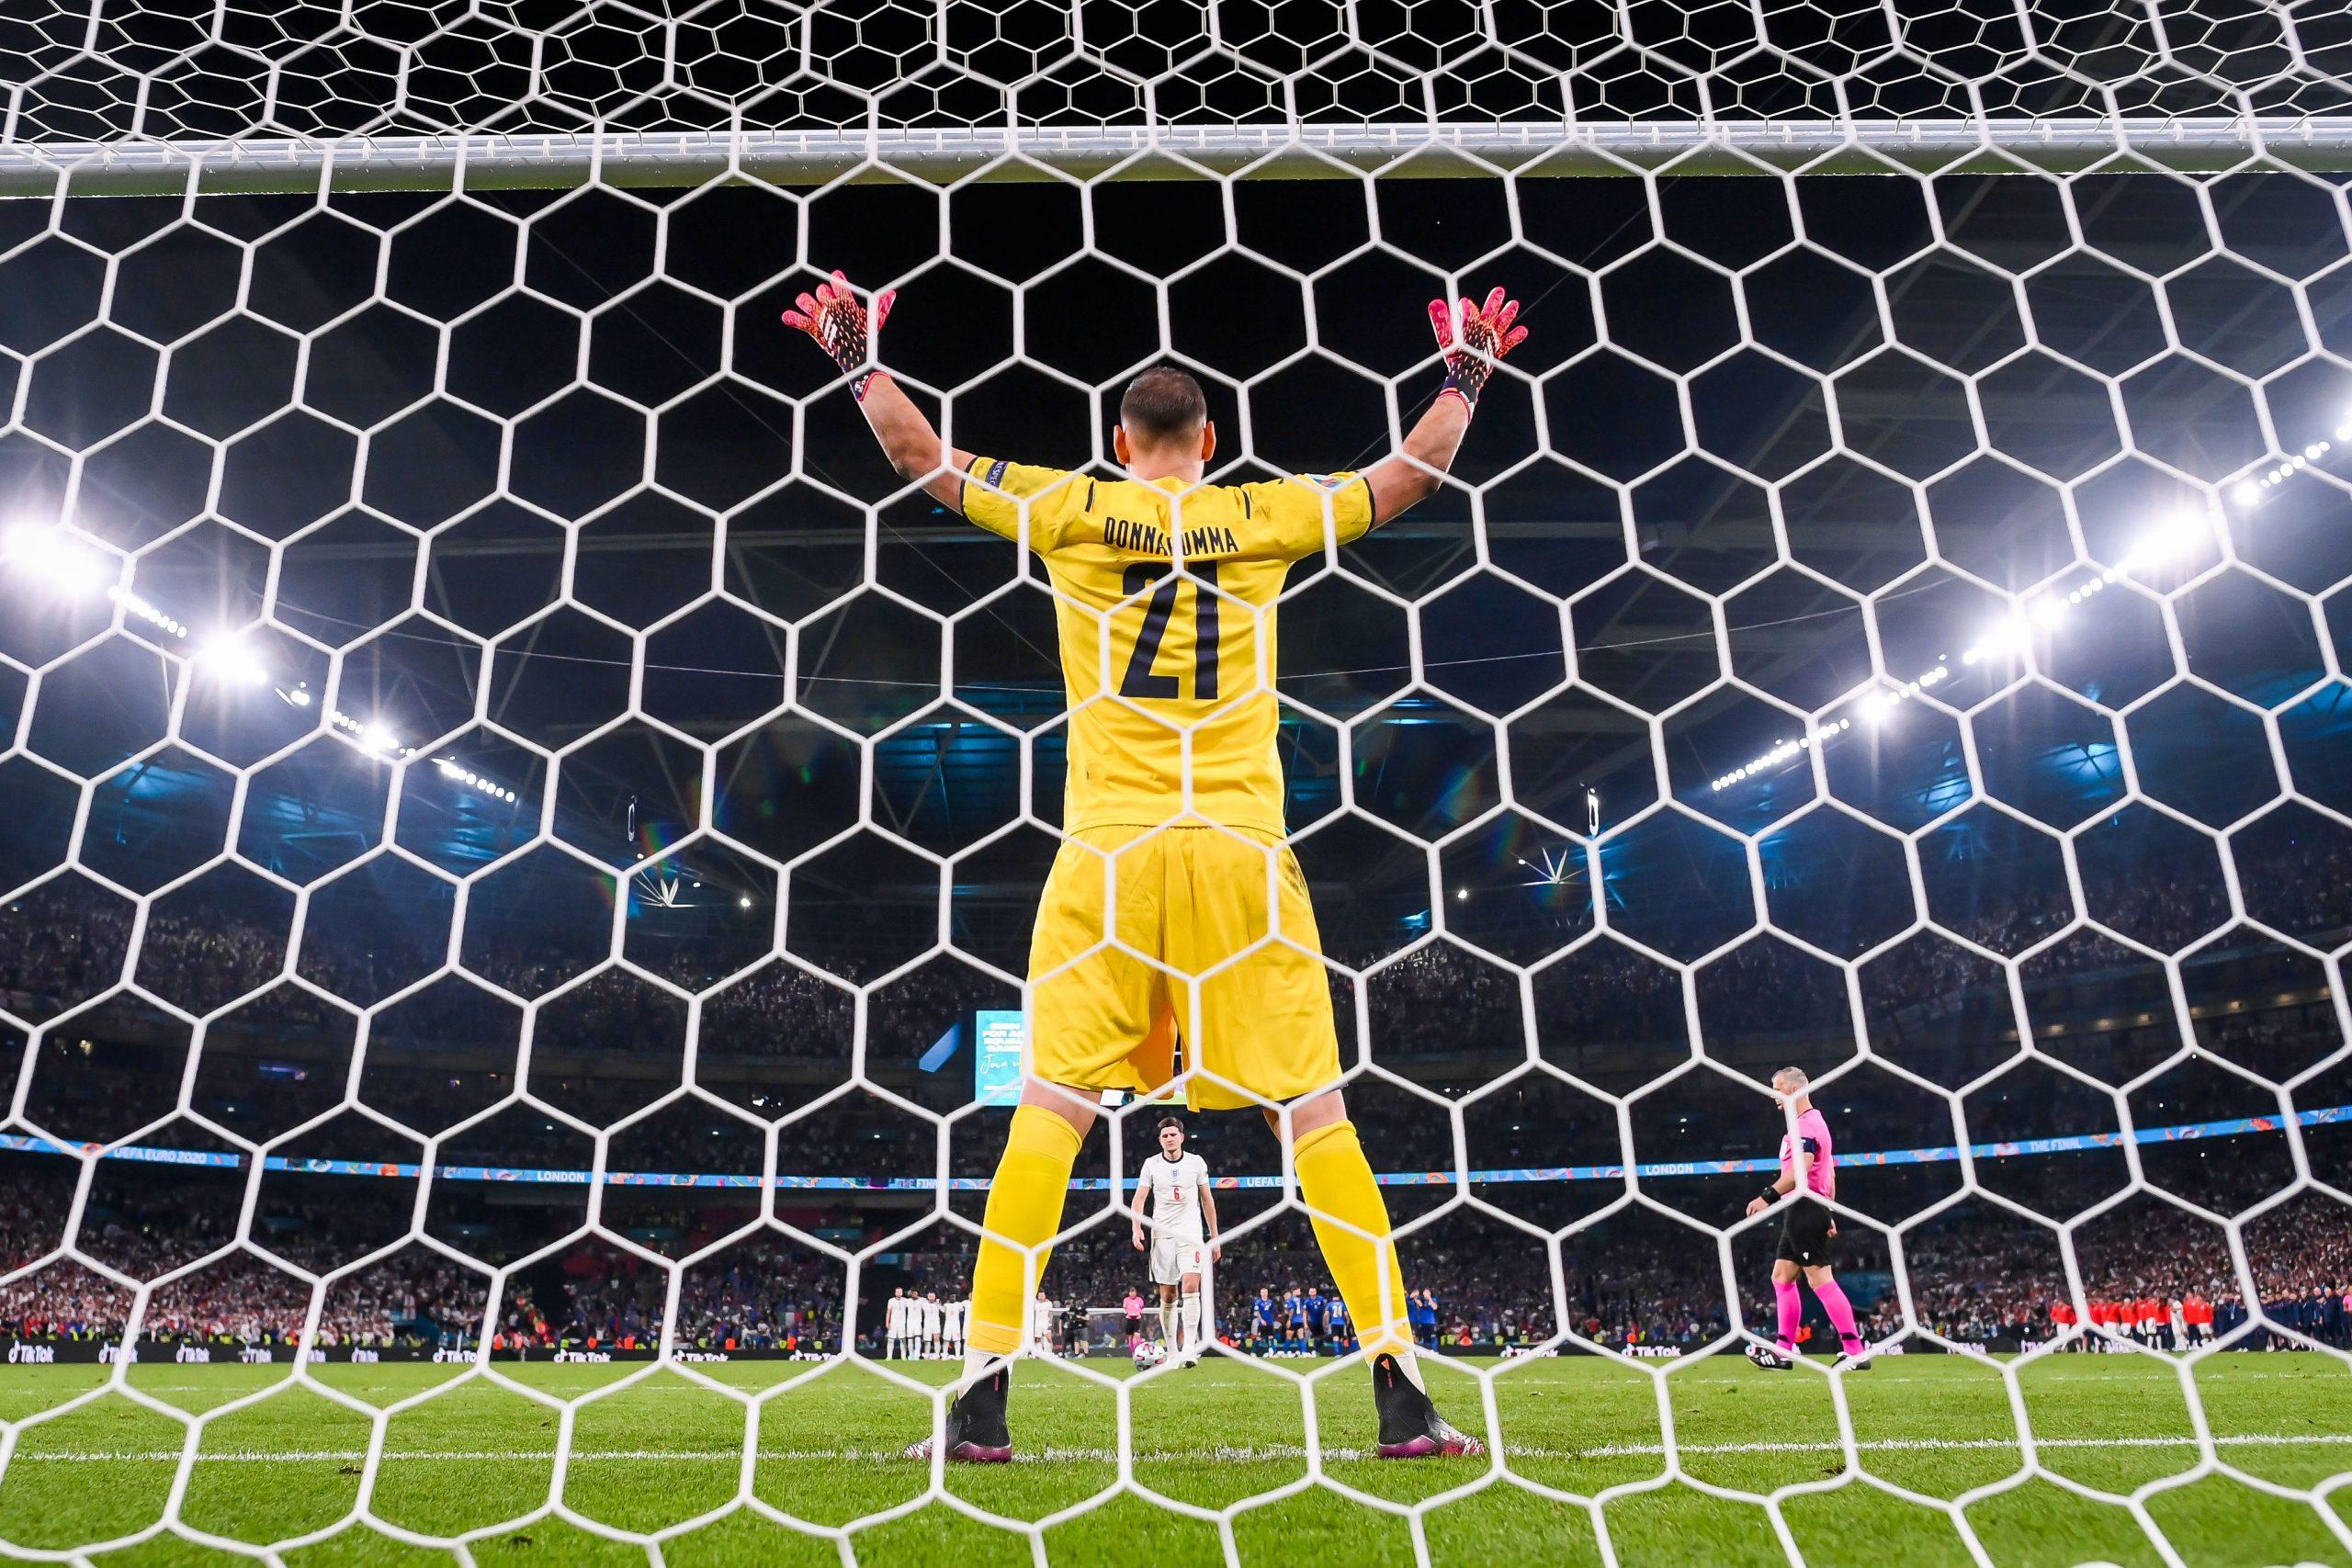 Donnaruma là cầu thủ thứ hai trong lịch sử Euro đạt danh hiệu Cầu thủ xuất sắc nhất